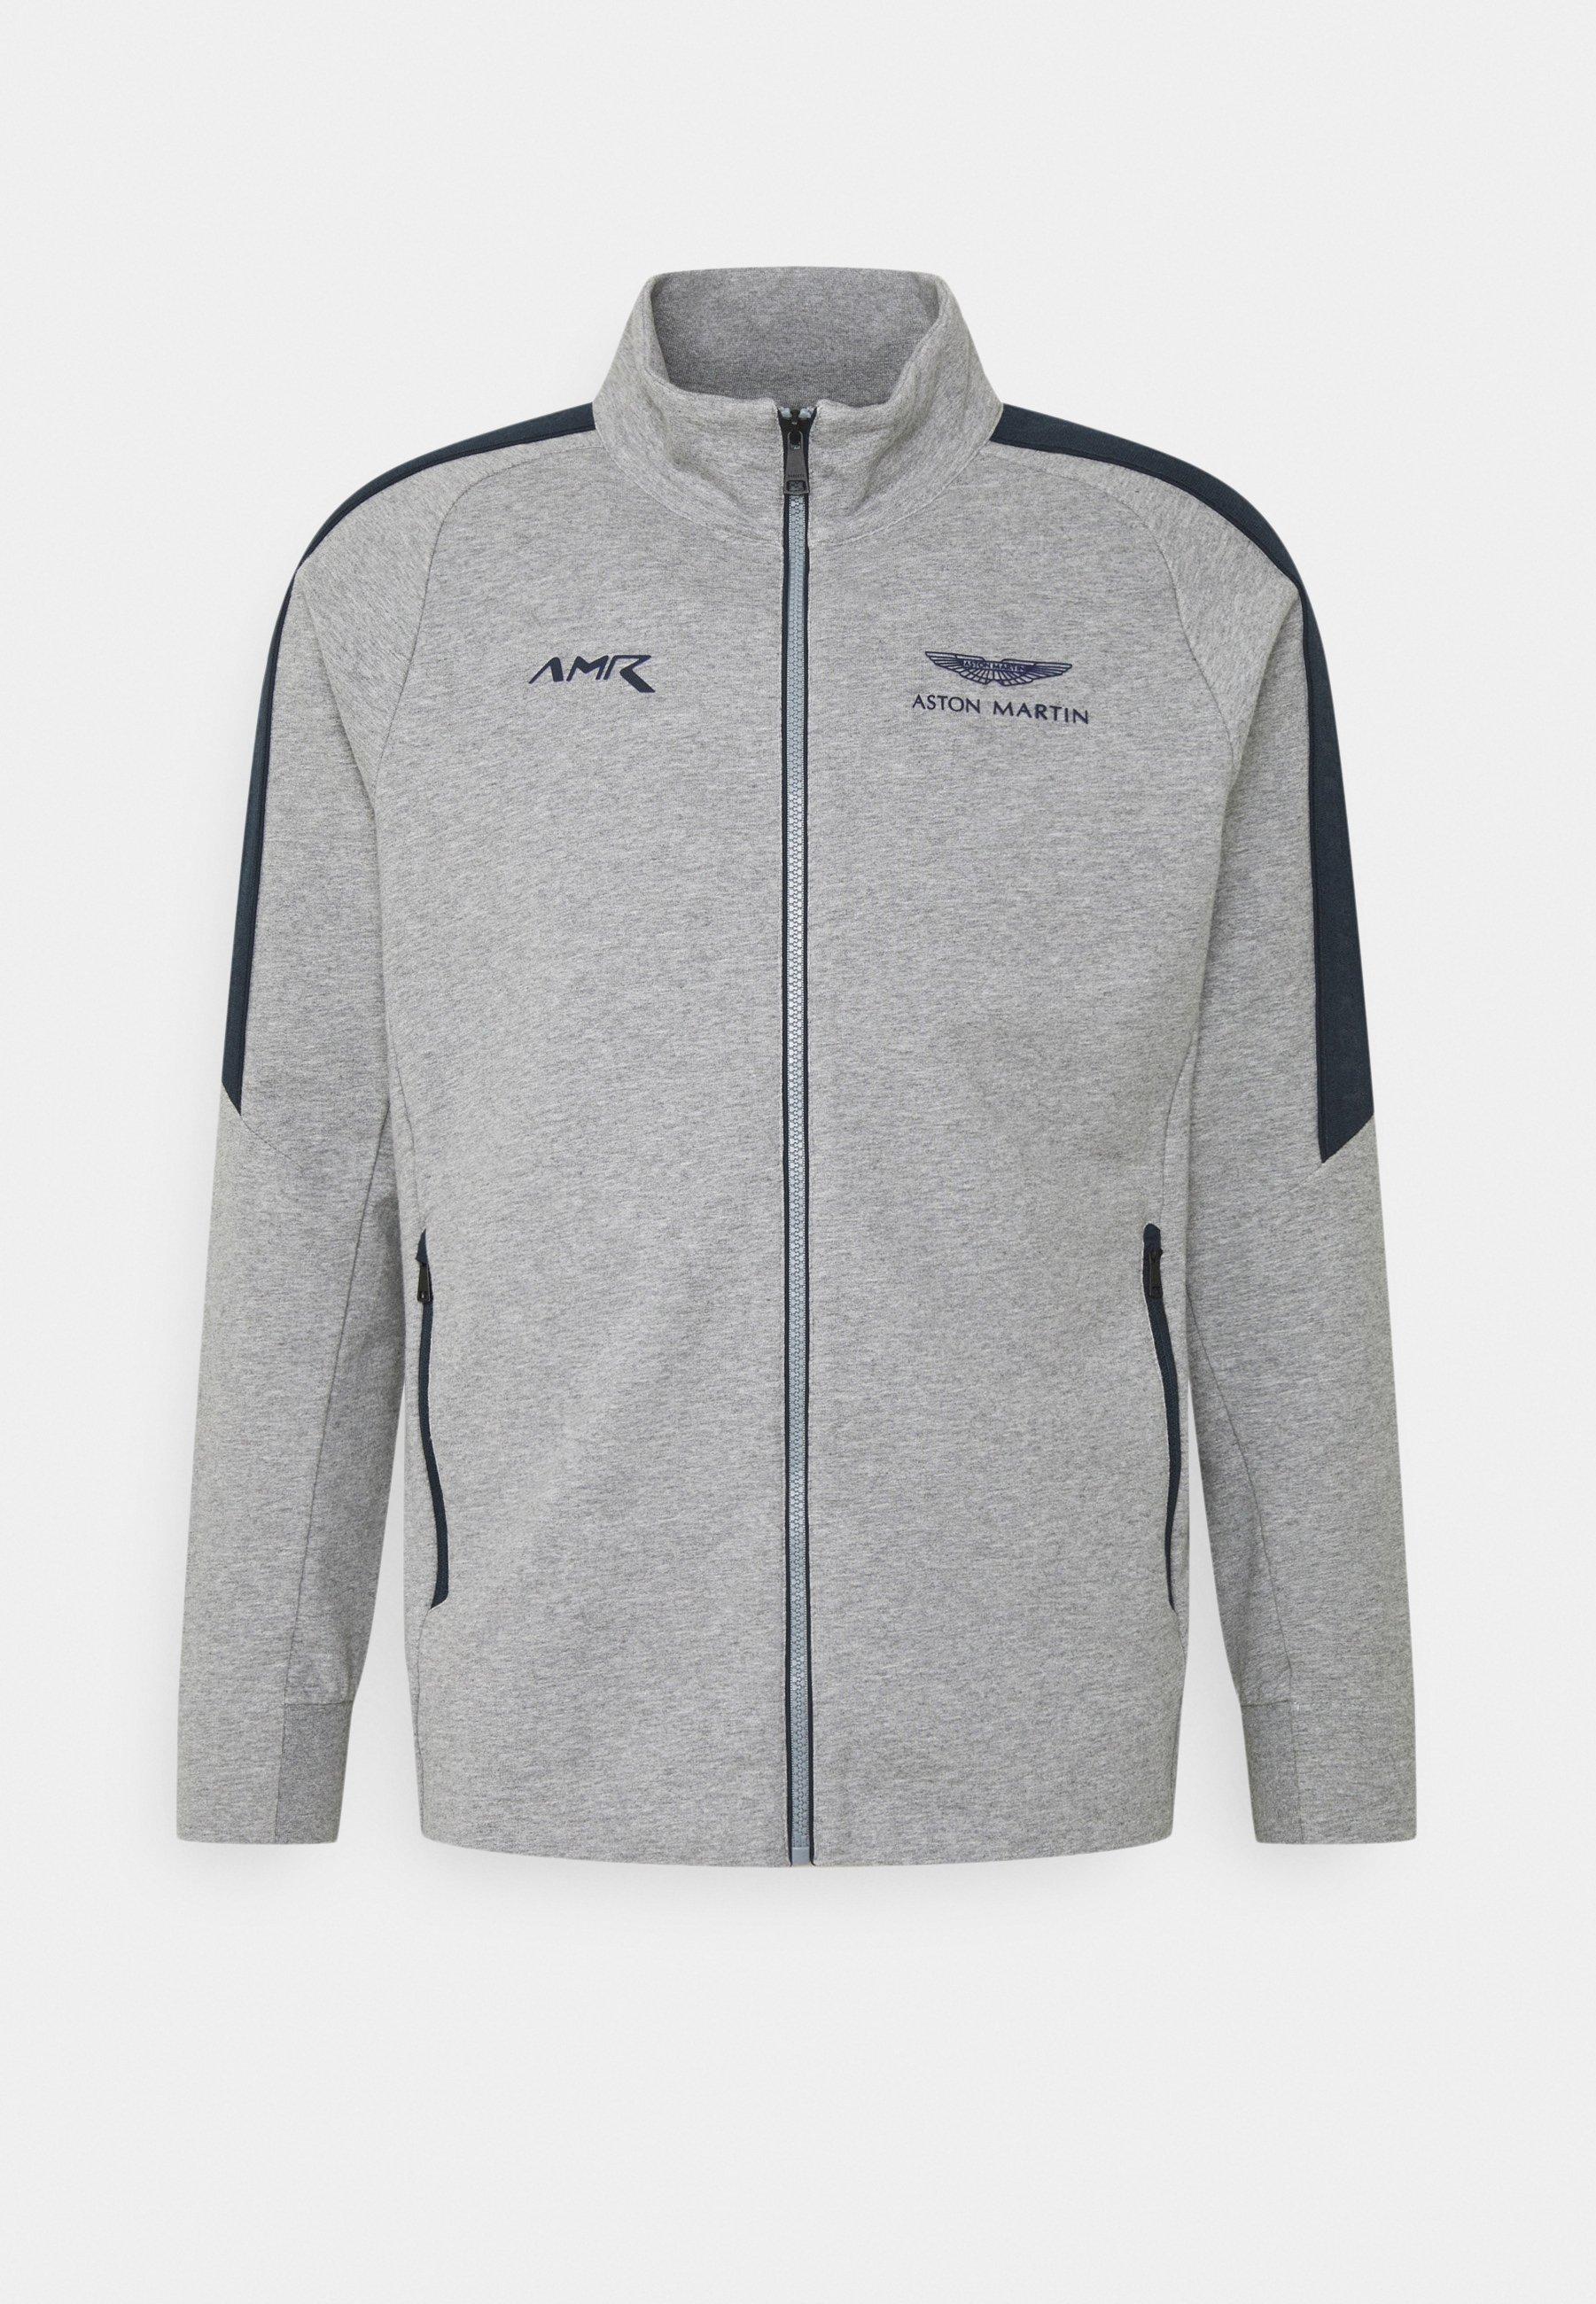 Hackett Aston Martin Racing Track Top Zip Up Hoodie Grey Marl Mottled Grey Zalando De